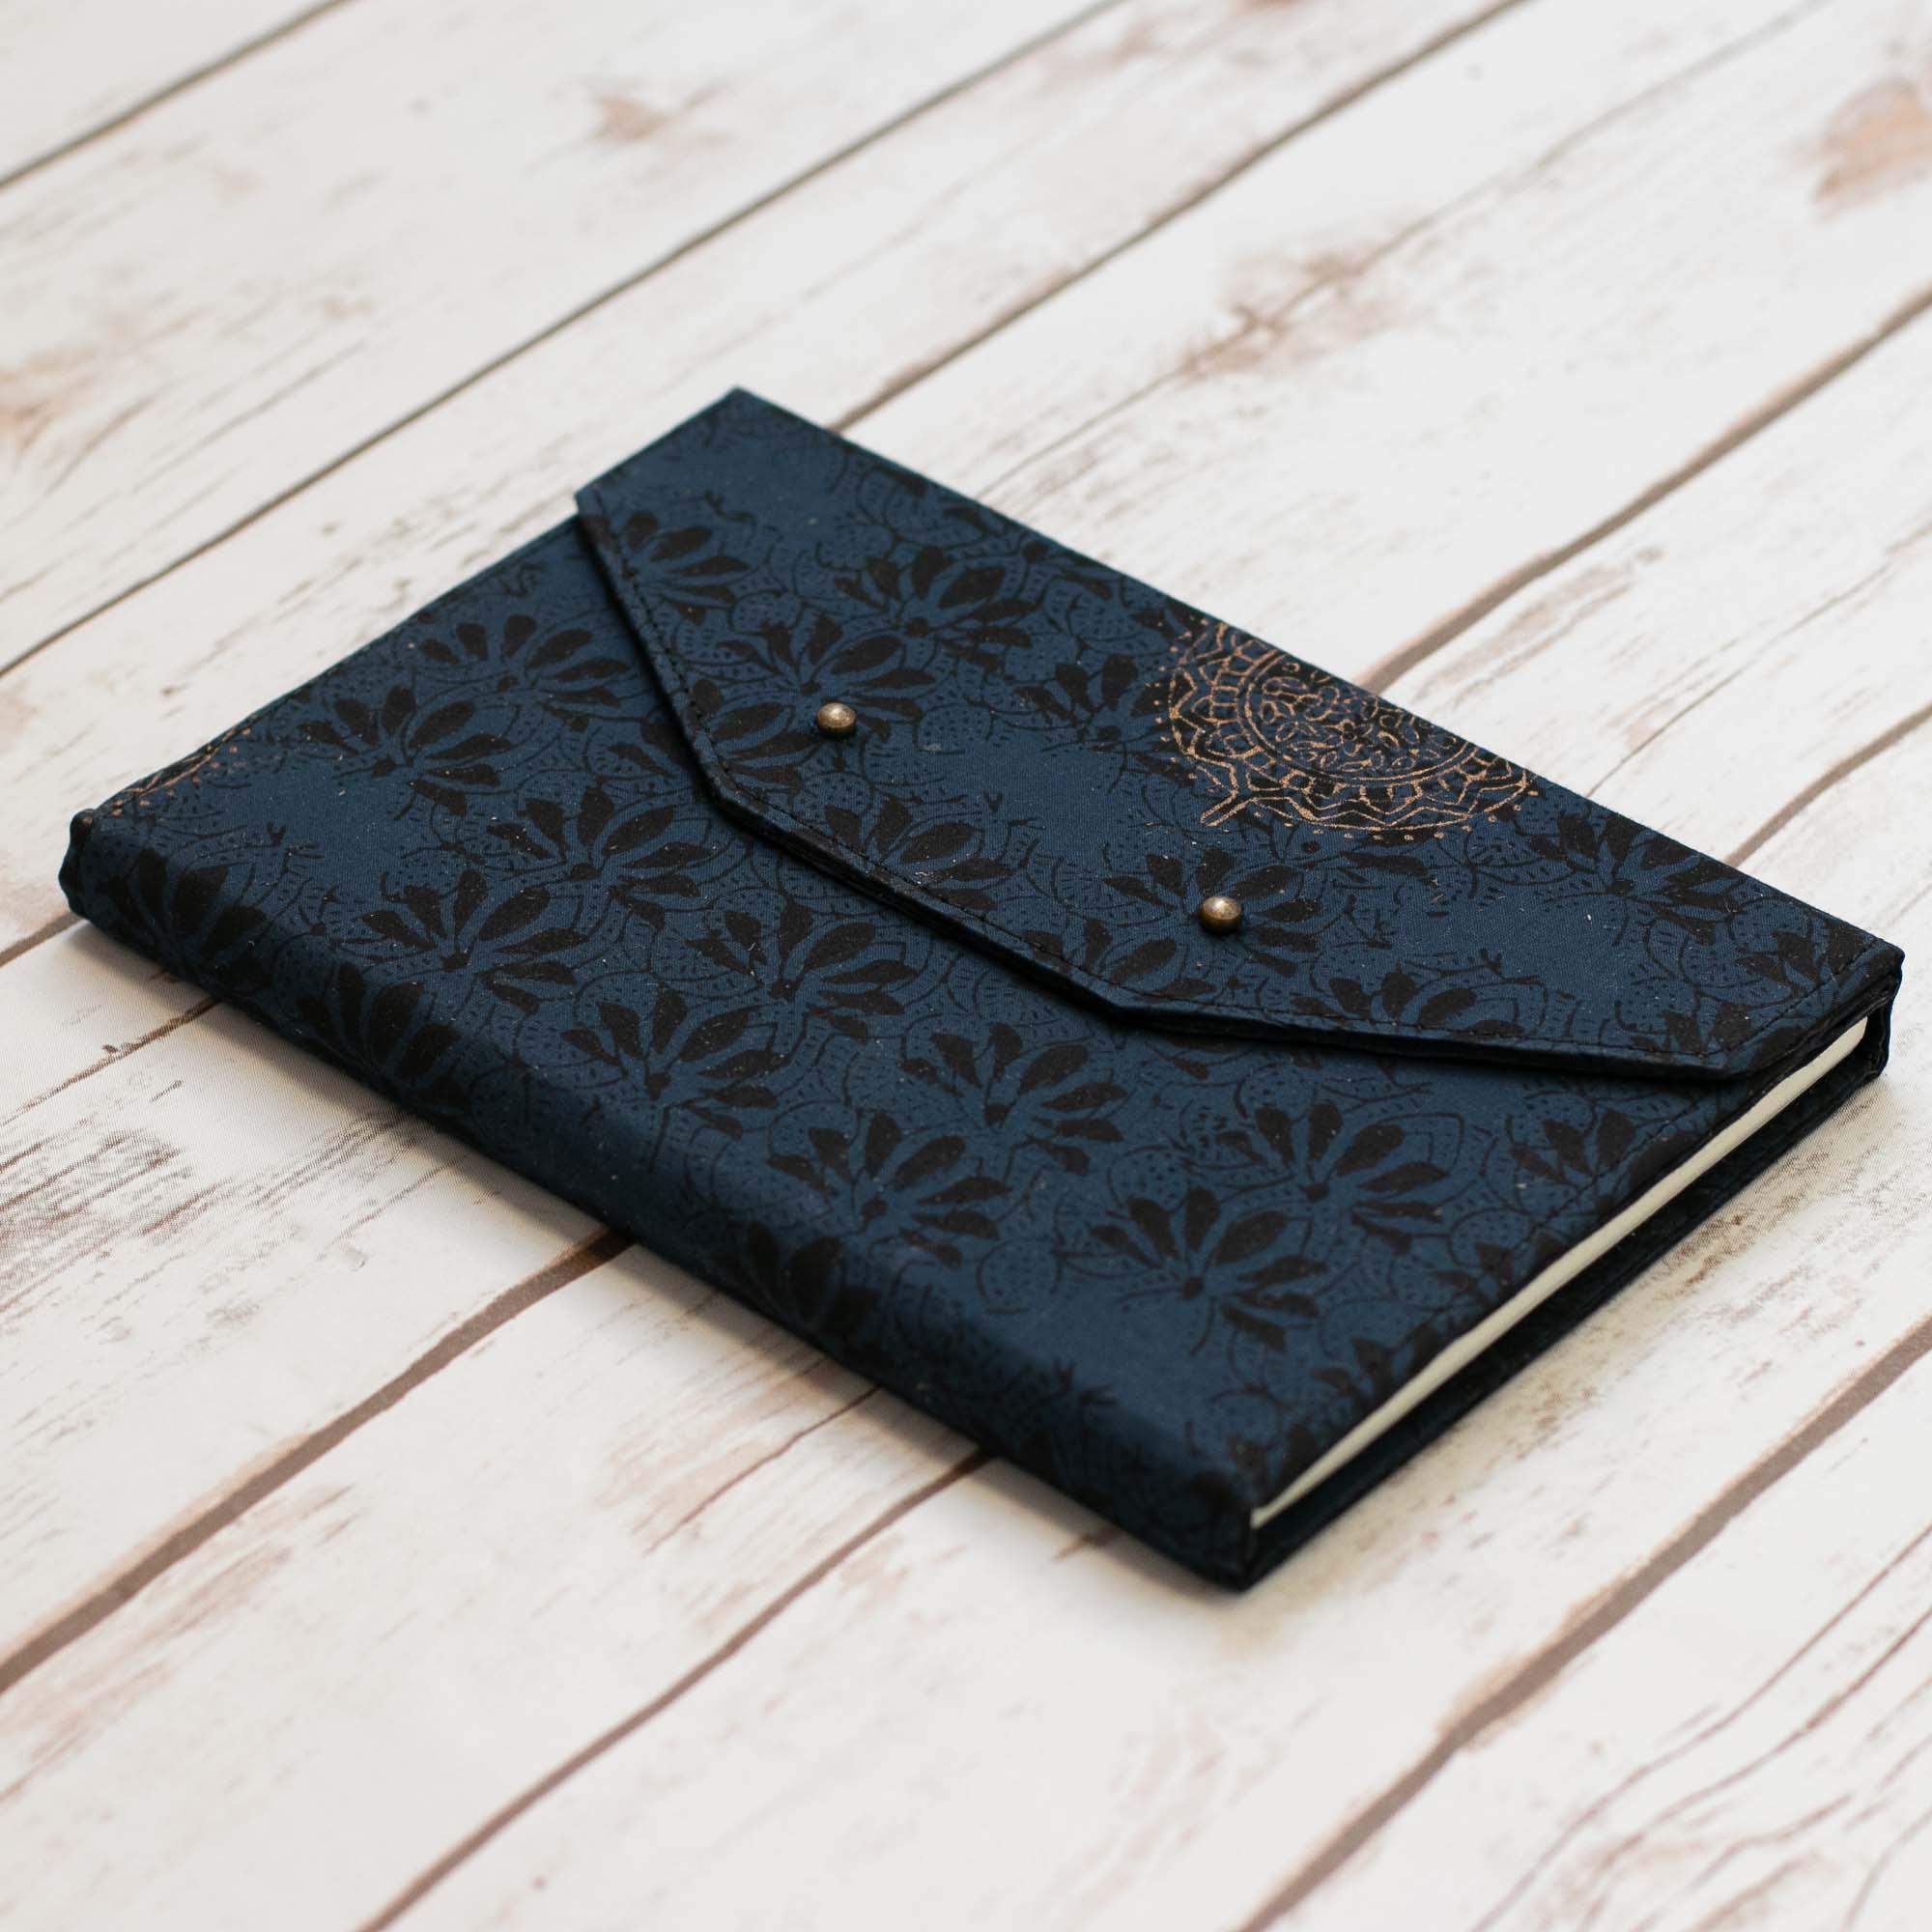 Fabric Journals & Folios